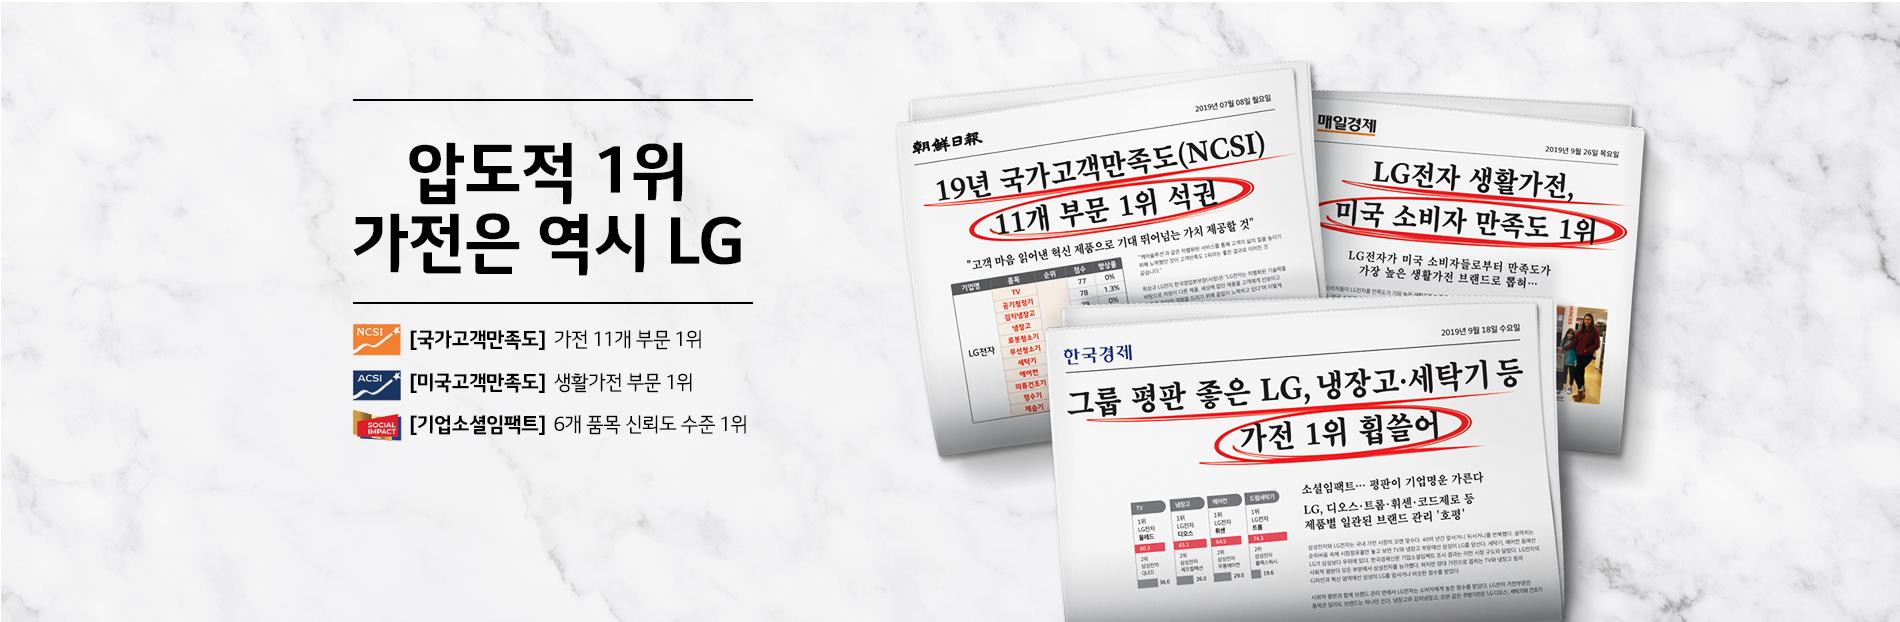 압도적1위 가전은 역시 LG,국가고객만족도 가전 11개 부문 1위,미국고객만족도 생활가전 부문 1위,기업소셜임팩트 6개 품목 신뢰도 수준 1위